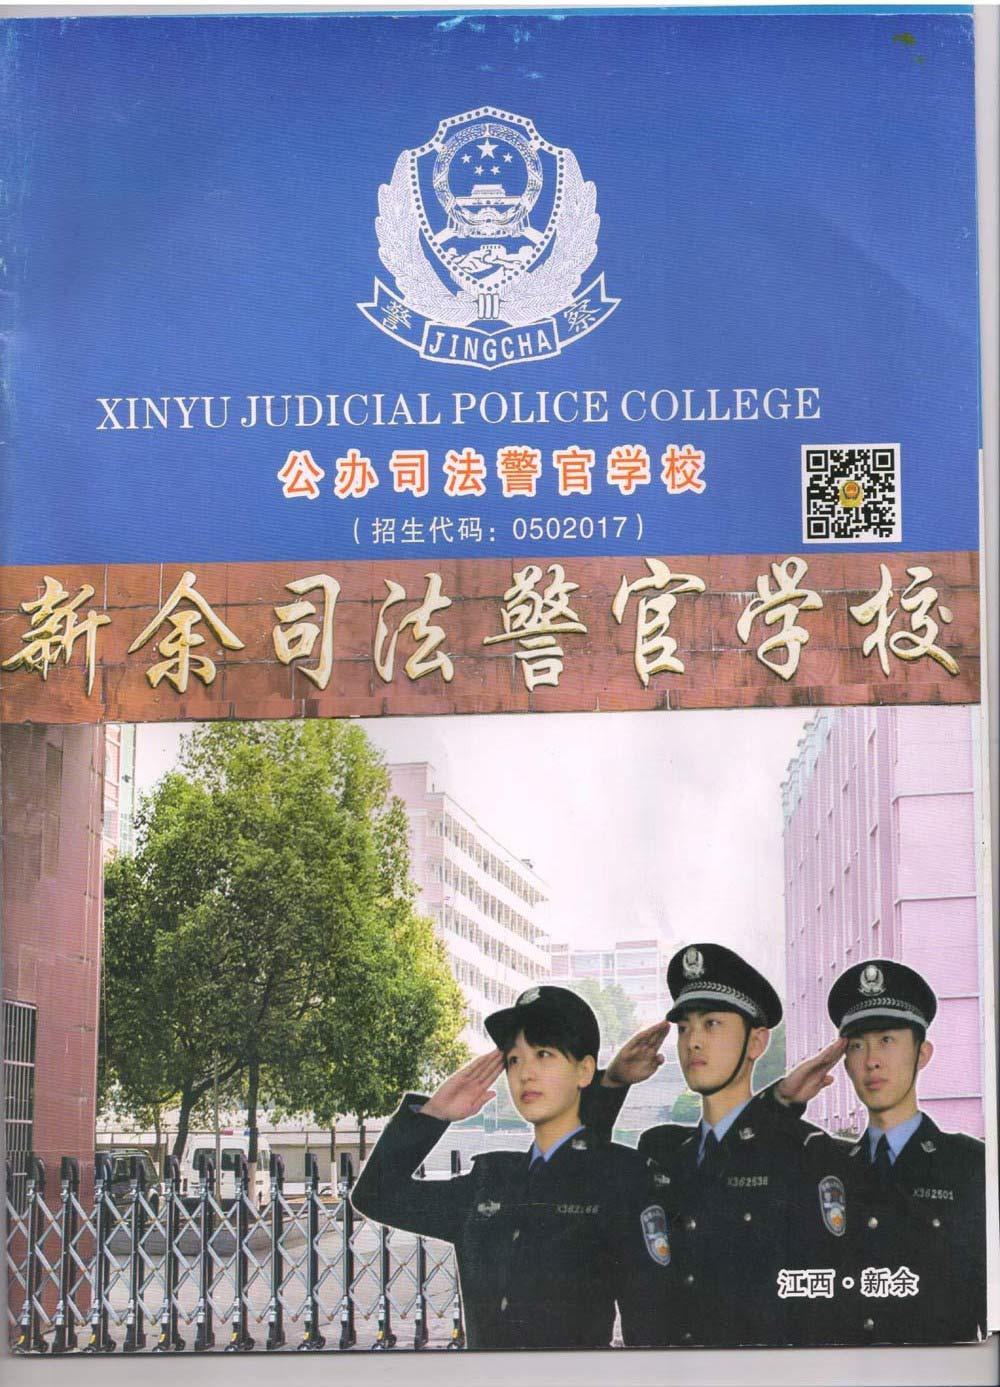 【新余司法警官学校】新余司法警官学校批发价格